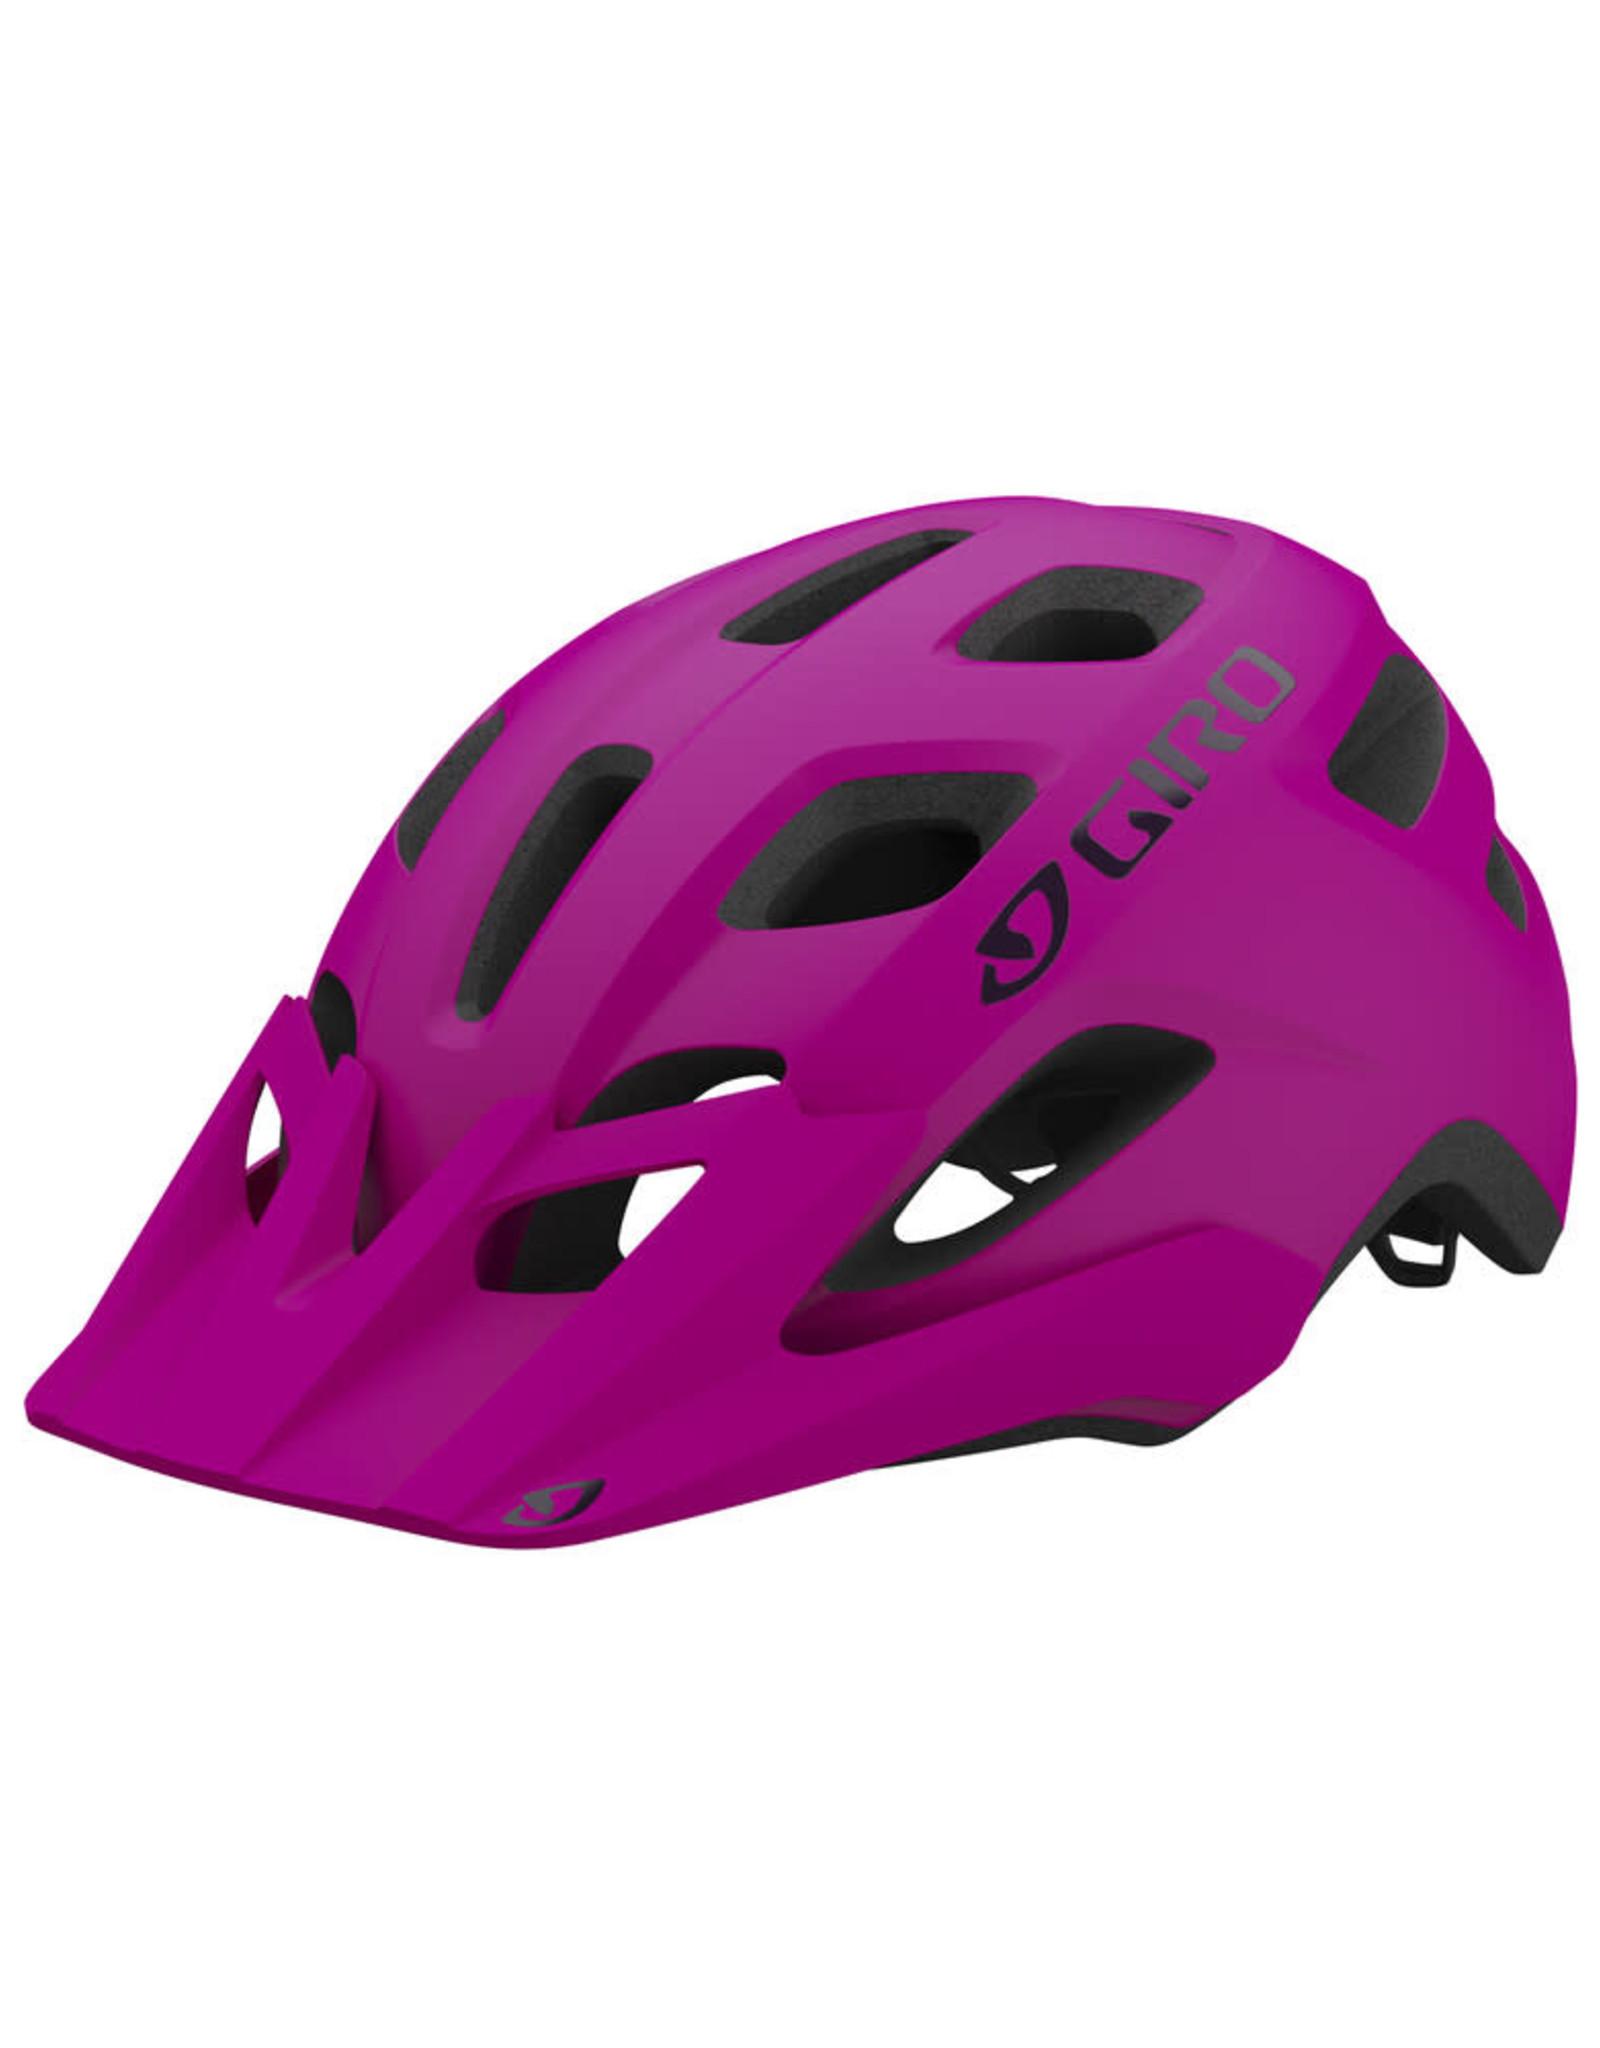 GIRO Verce MIPS Helmet